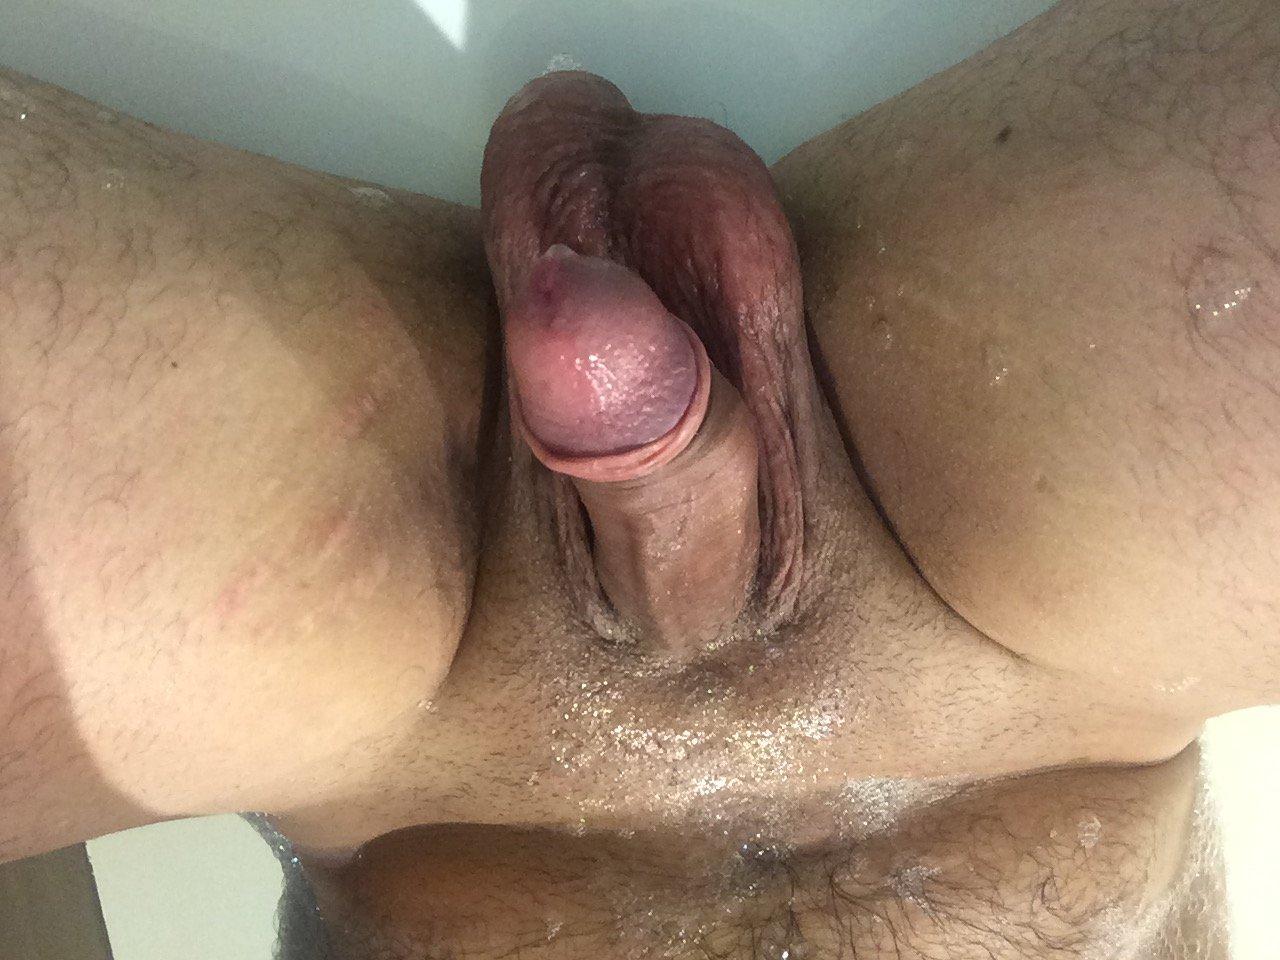 Camilo from Victoria,Australia